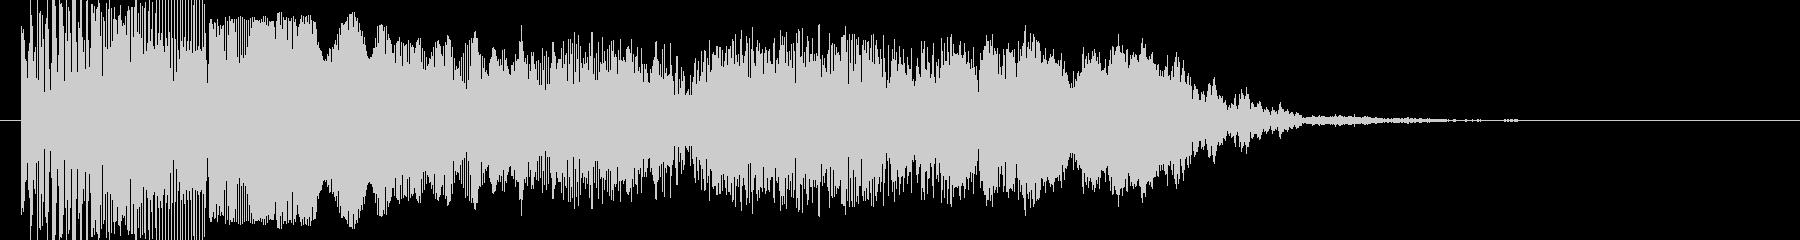 ビッグドロップスの未再生の波形